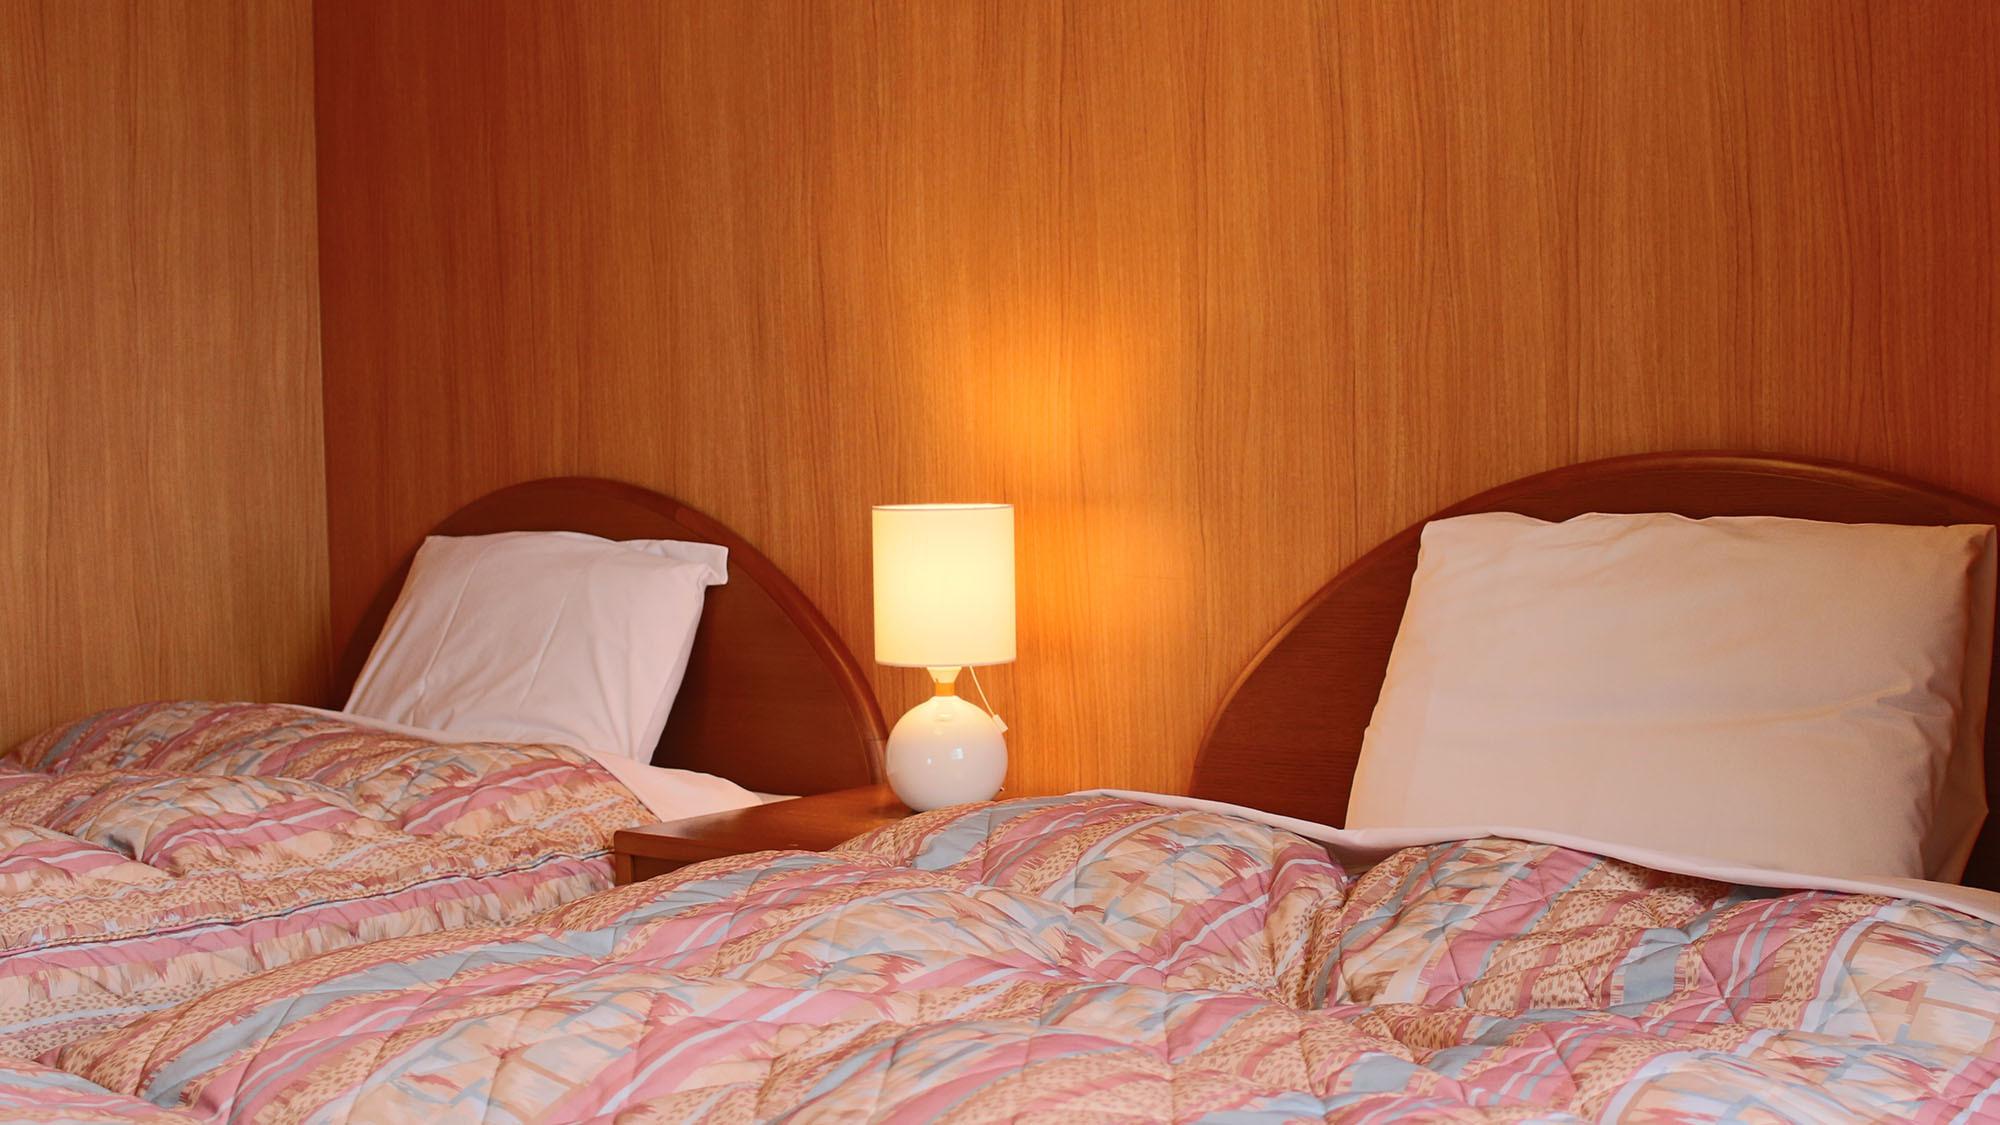 【洋室/イメージ】 洋室にはツインベットを設置。ぐっすりお休み頂けます。